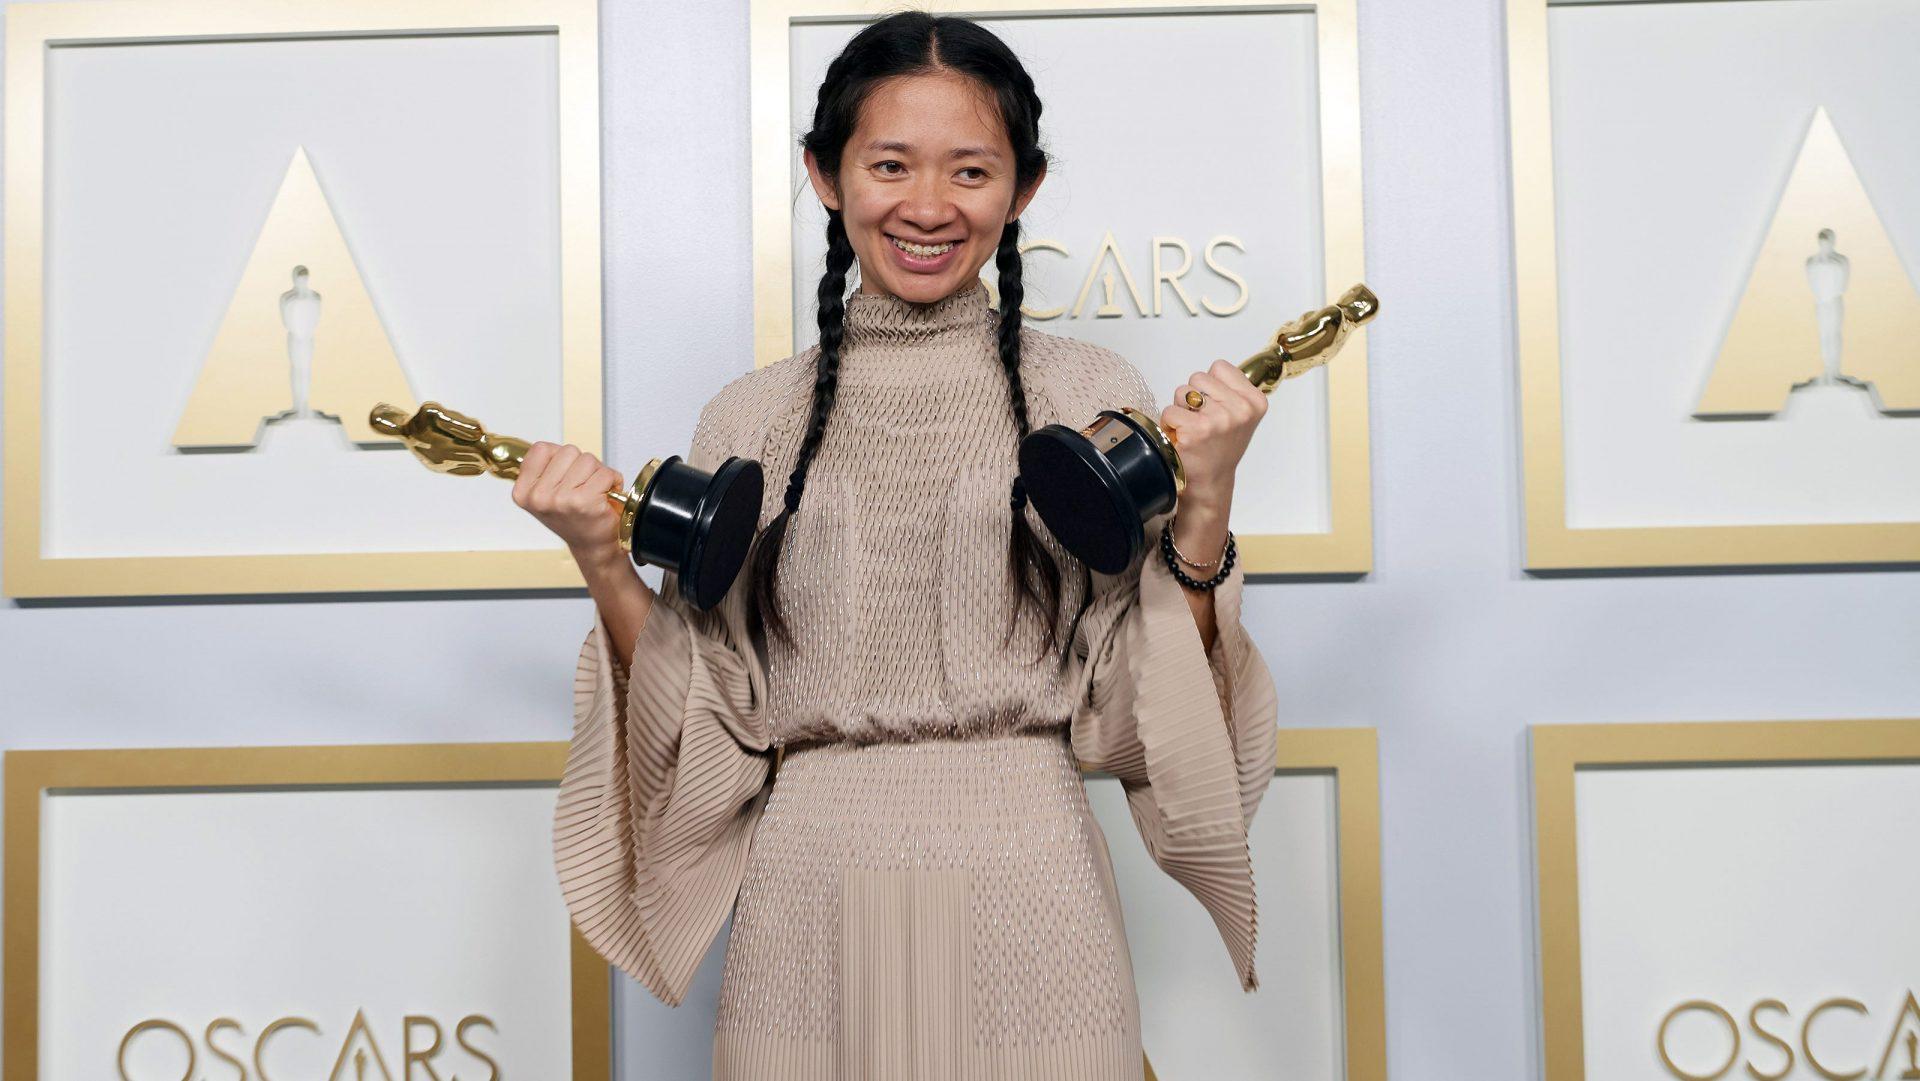 China a cenzurat postările și articolele despre premiul Oscar câștigat de regizoarea Chloé Zhao